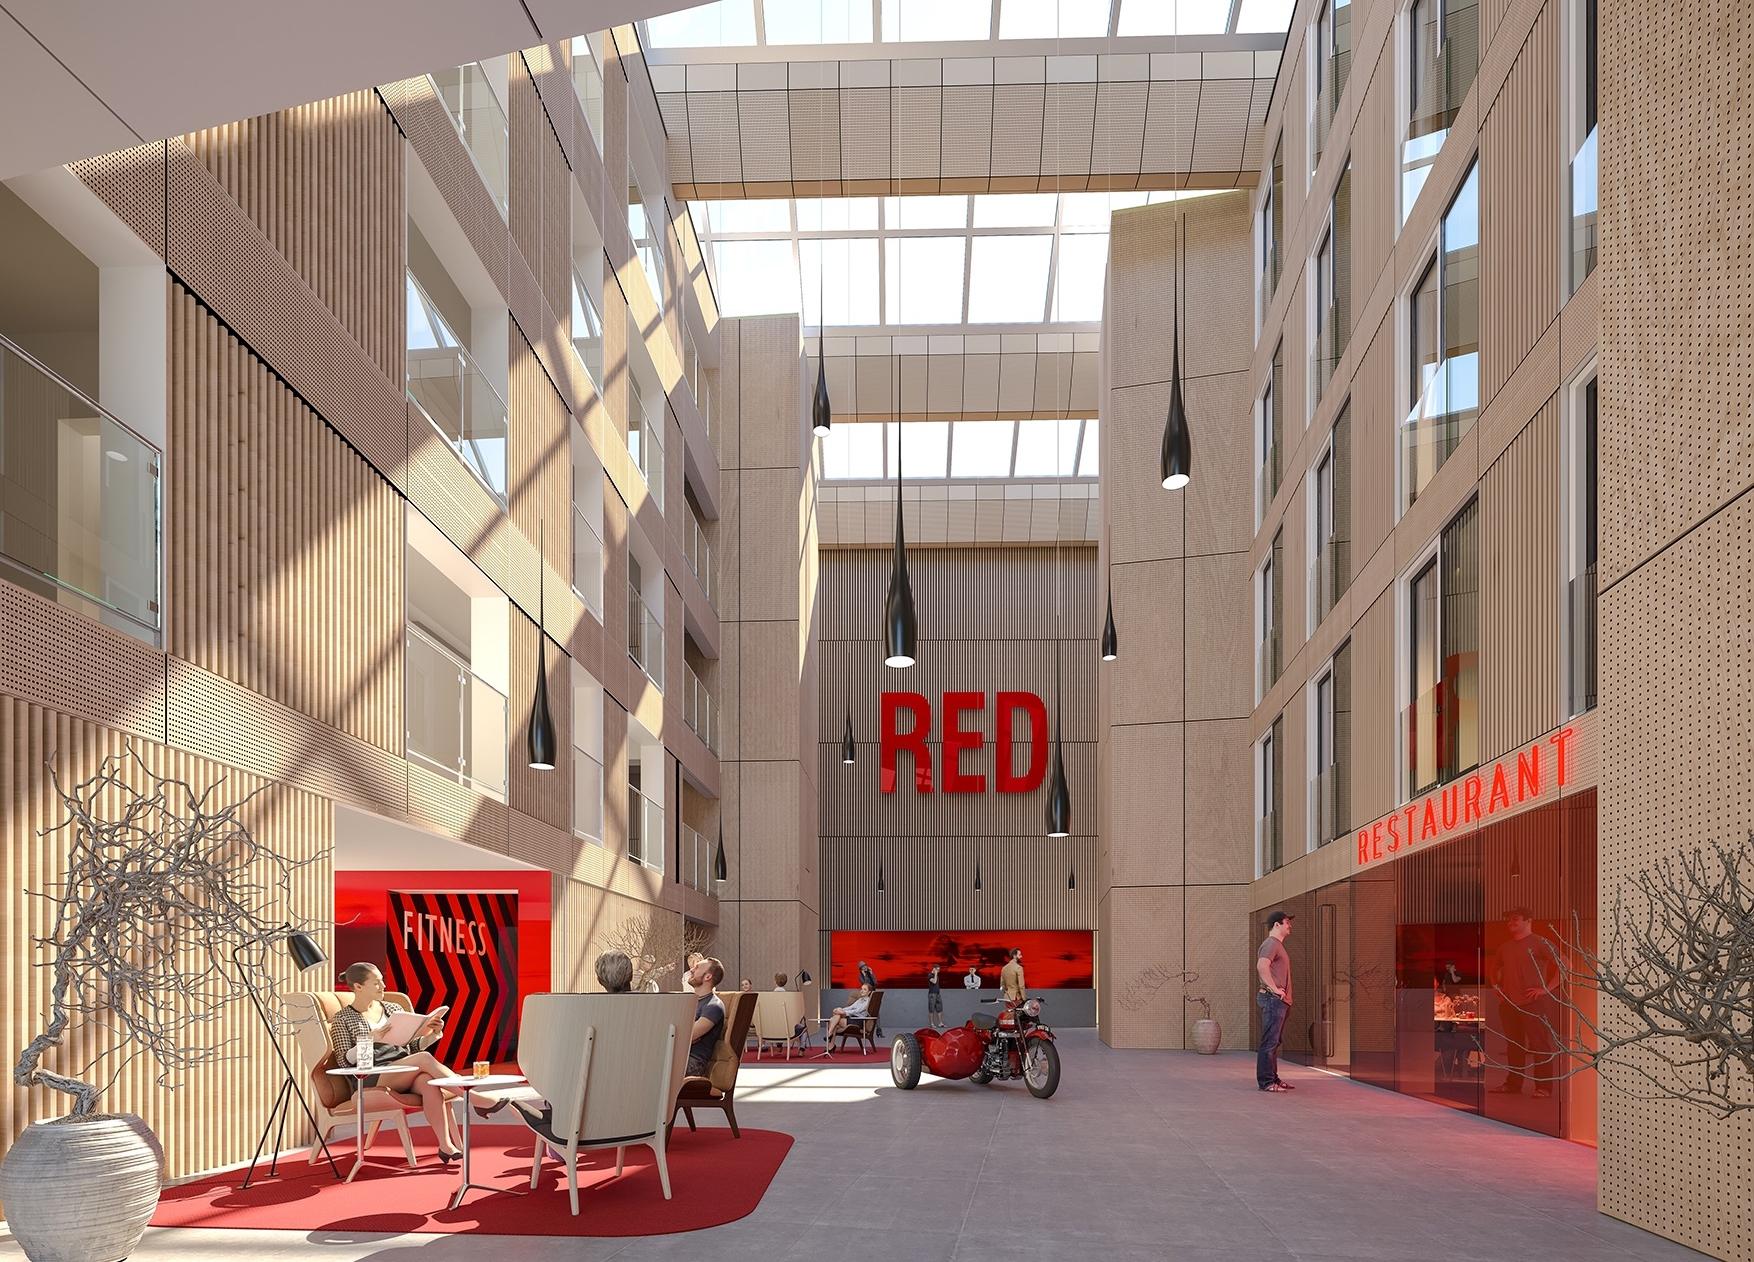 Nogenlunde dette syn venter gæster, der fra efteråret 2019 træder ind på Nordens første Radisson Red, der placeres i Aarhus med 78 værelser. Illustration: Luplau & Poulsen / Dimension Design.